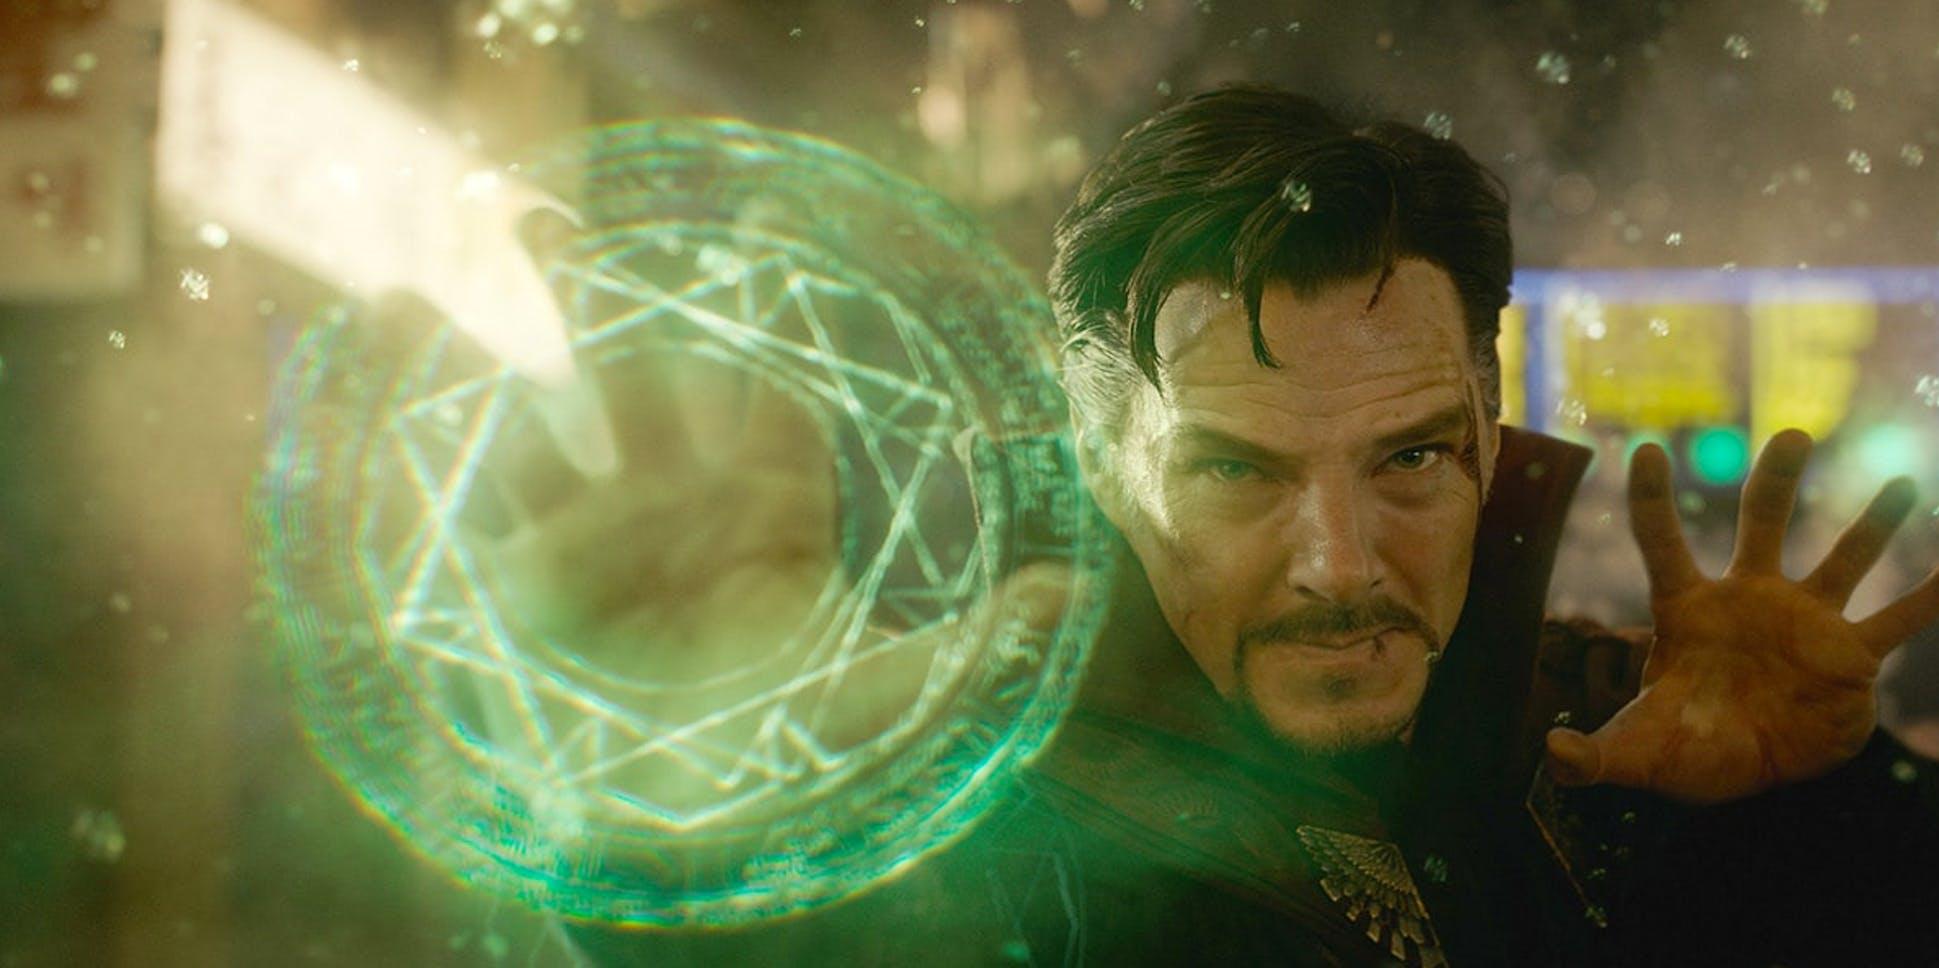 از شایعه تا واقعیت: فیلم 2 Doctor Strange در راه است